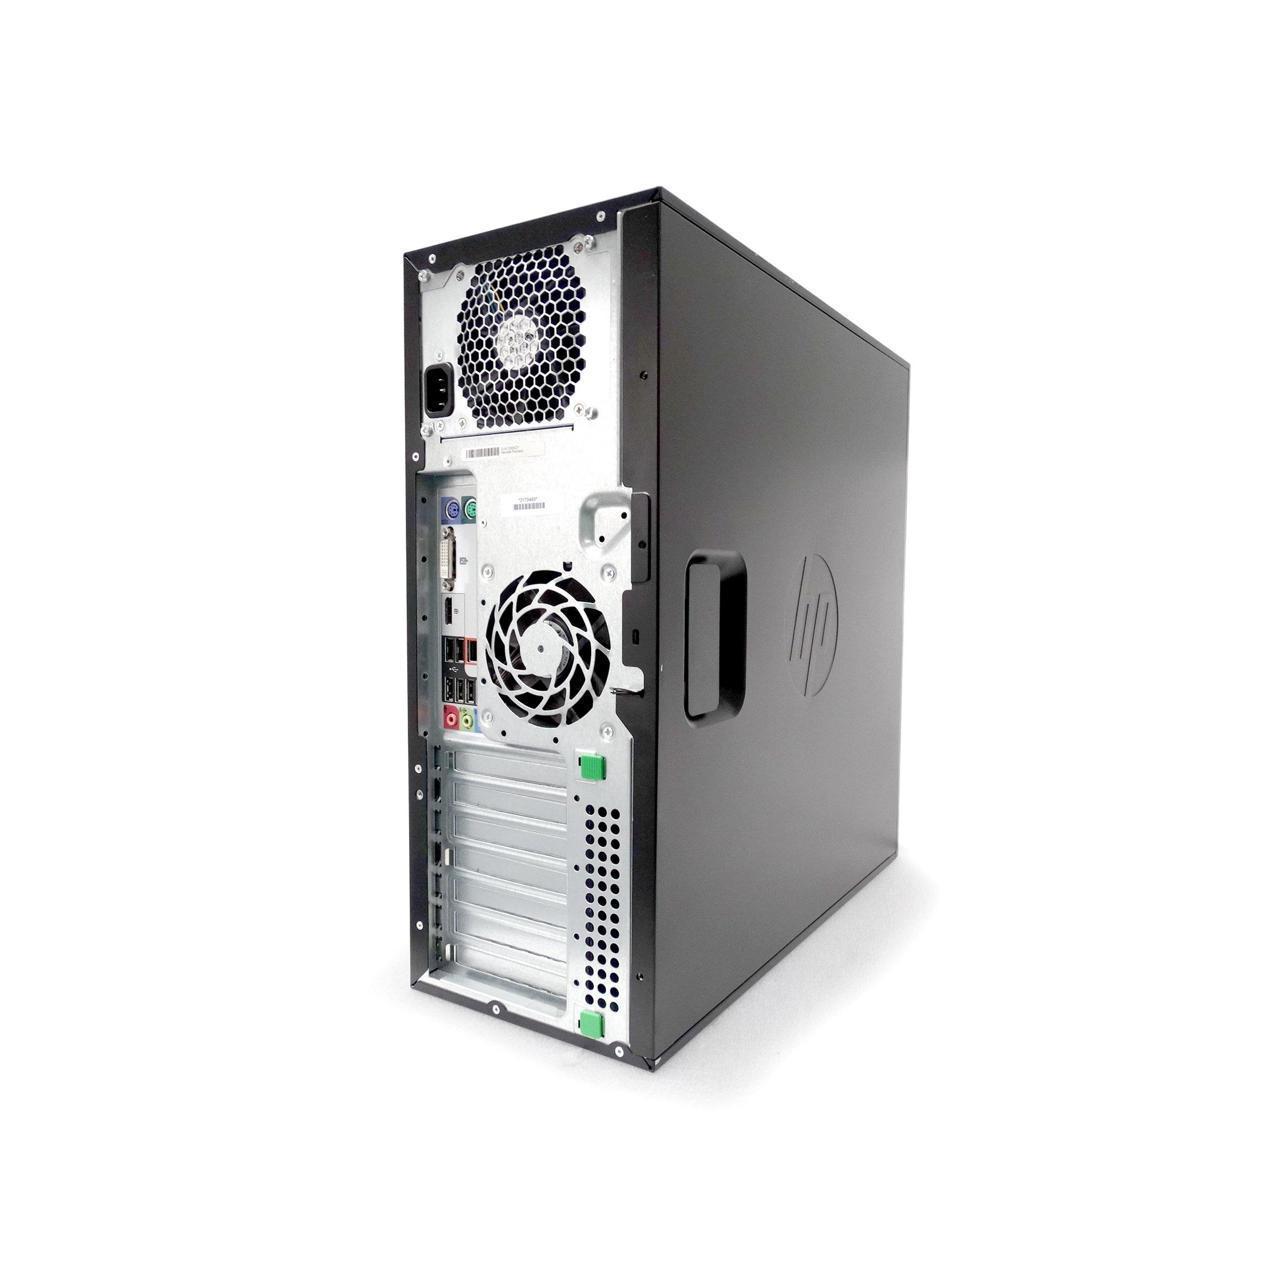 Hp Z210 Workstation SFF Core i5 3.1 GHz - SSD 256 GB RAM 16GB